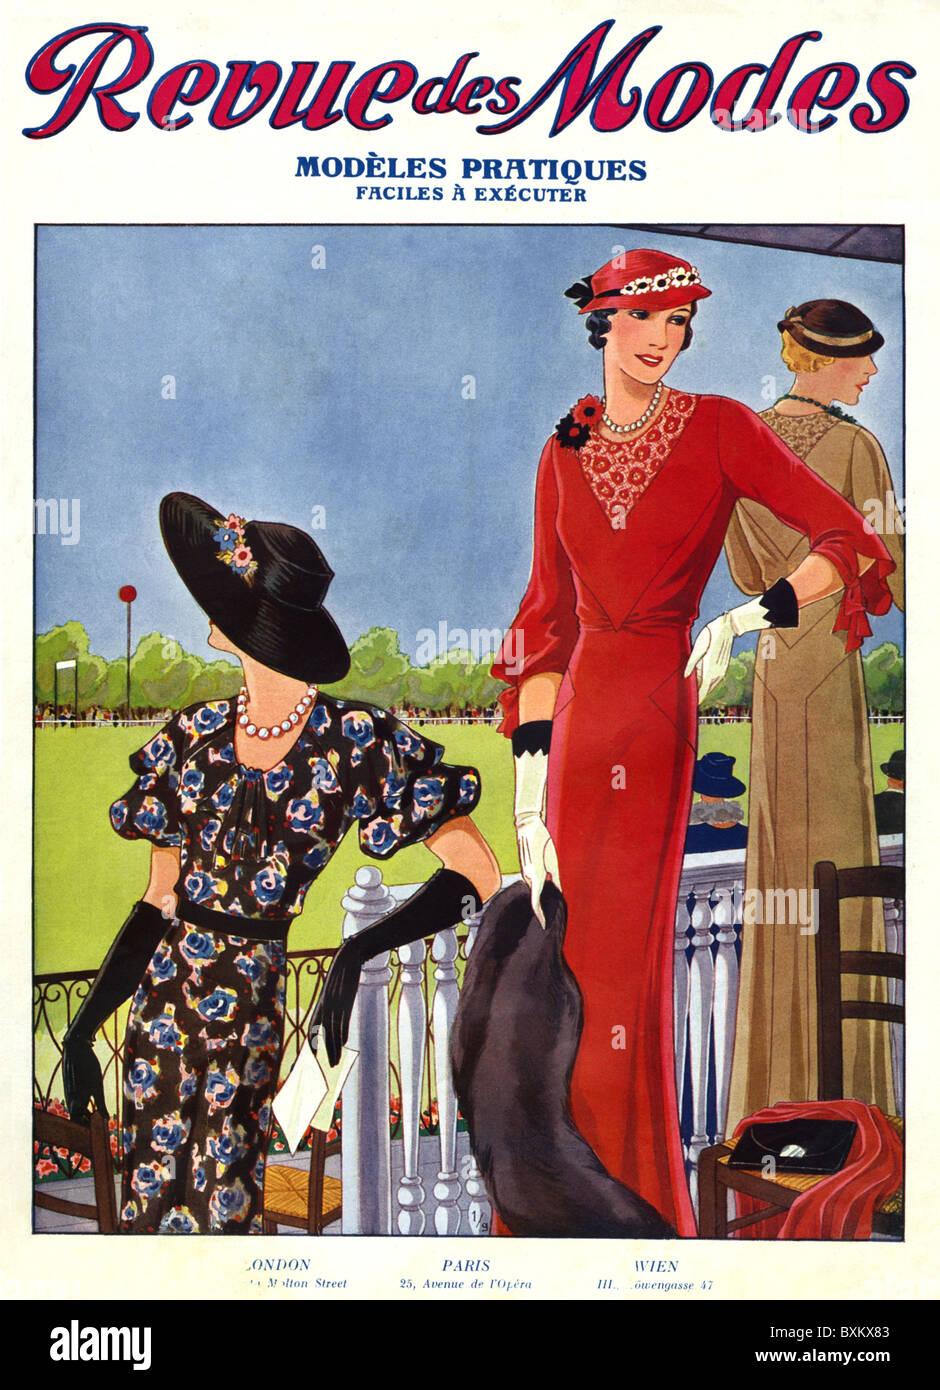 mode 1930er jahre die ladie mode abdeckung von mode zeitschrift revue des modes frankreich. Black Bedroom Furniture Sets. Home Design Ideas